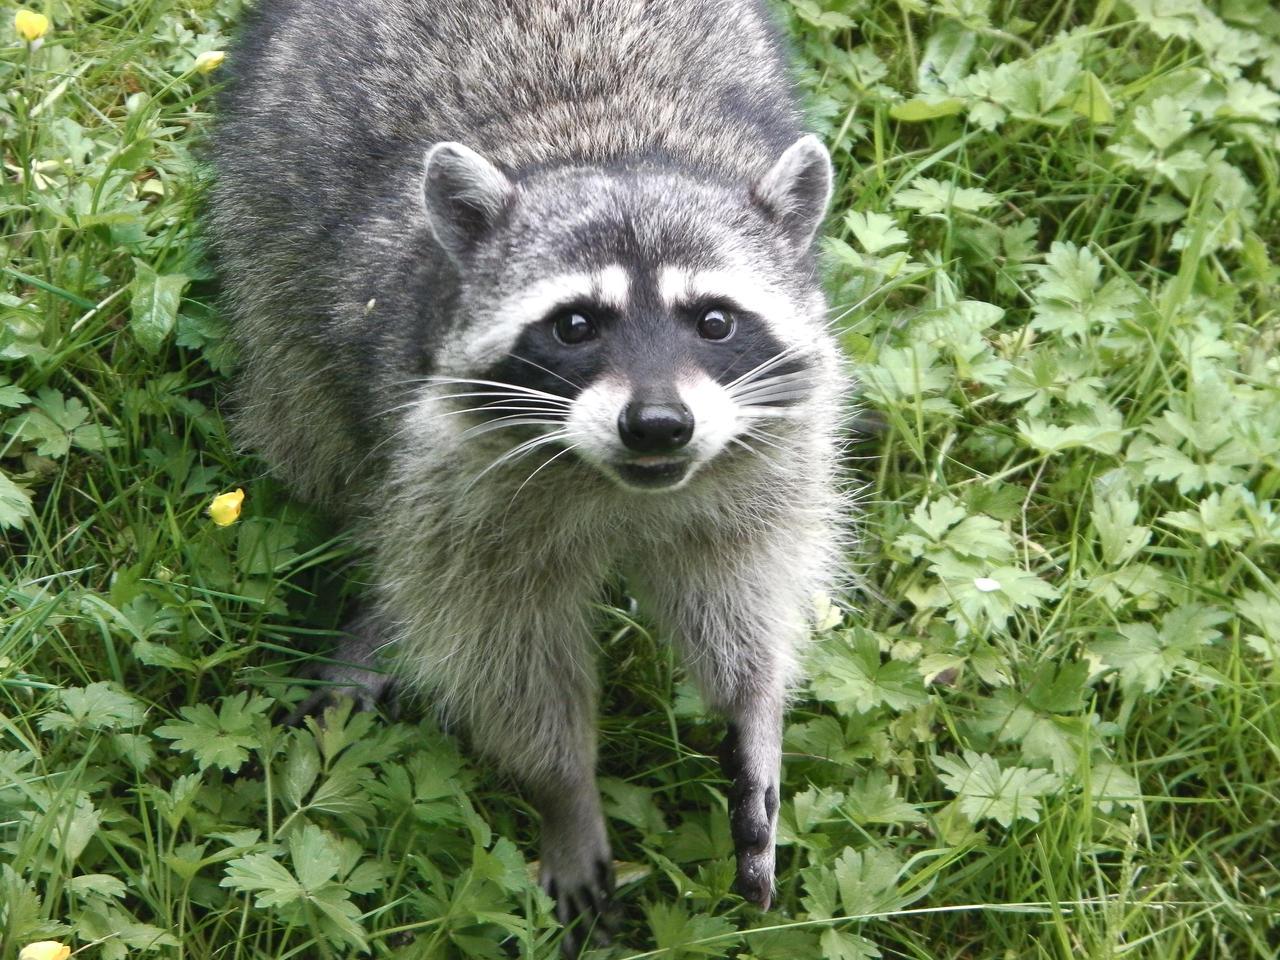 A raccoon in my backyard by PinkSakuraFlower1 on deviantART